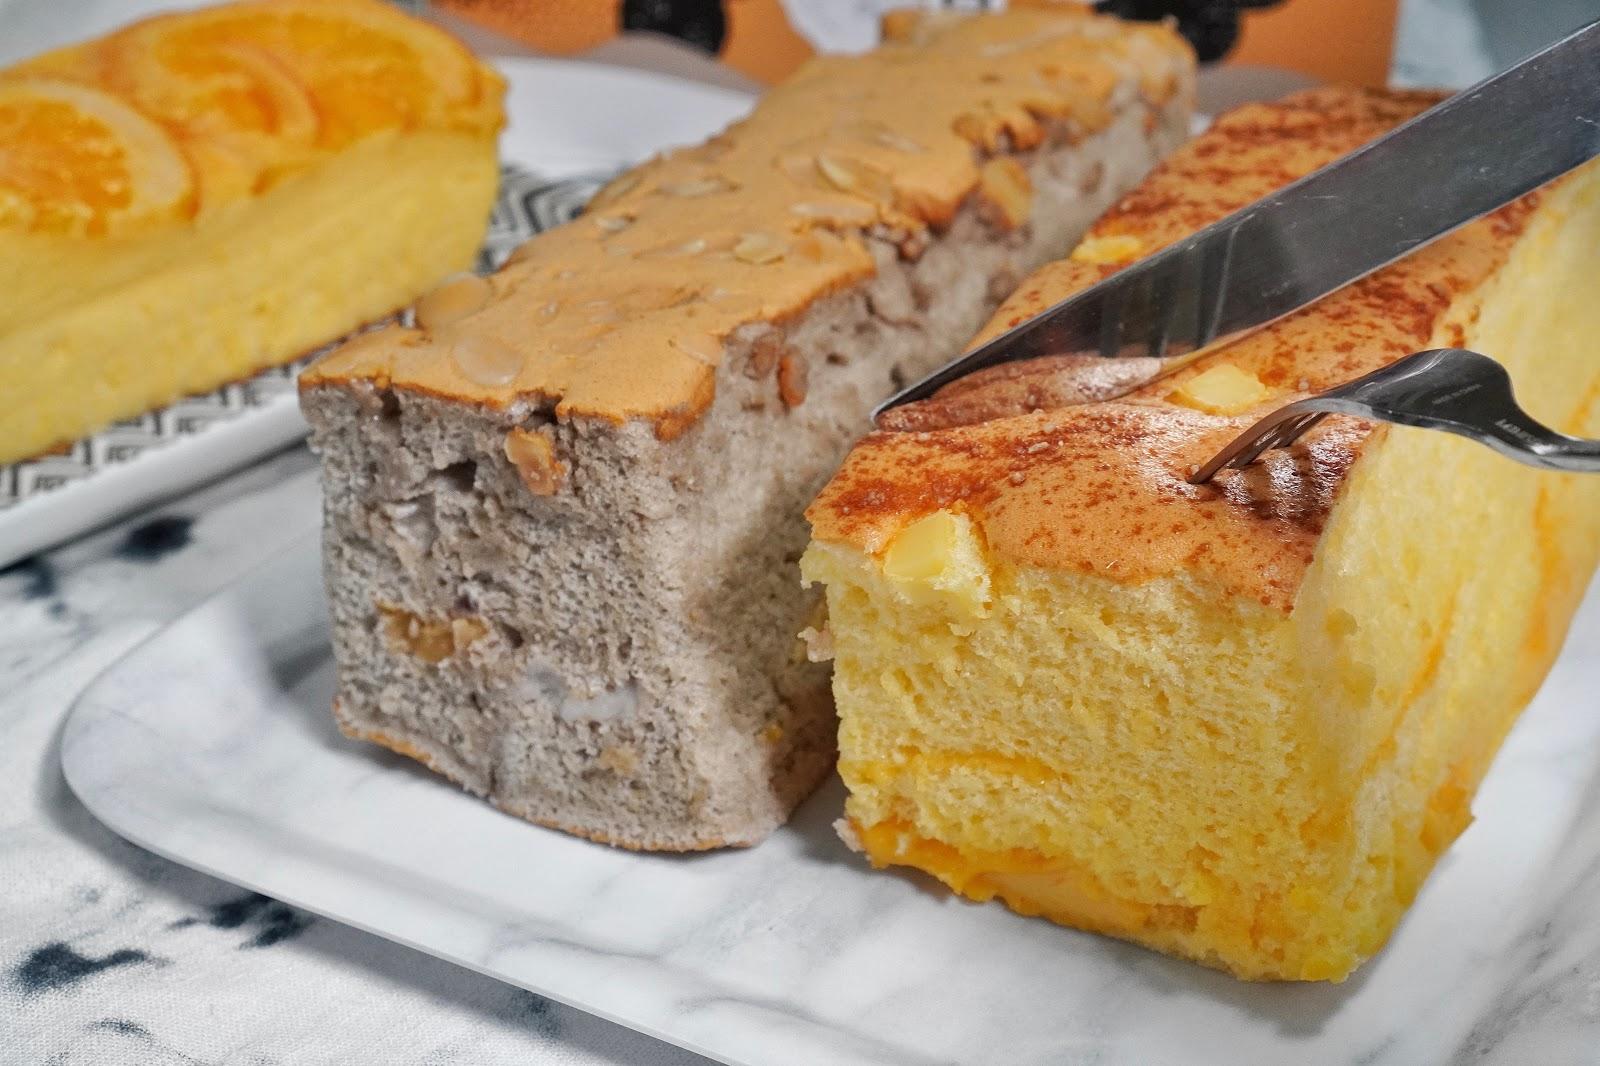 台南中西區美食【橘香合-蛋糕職人】古早味蛋糕香濃起司推薦